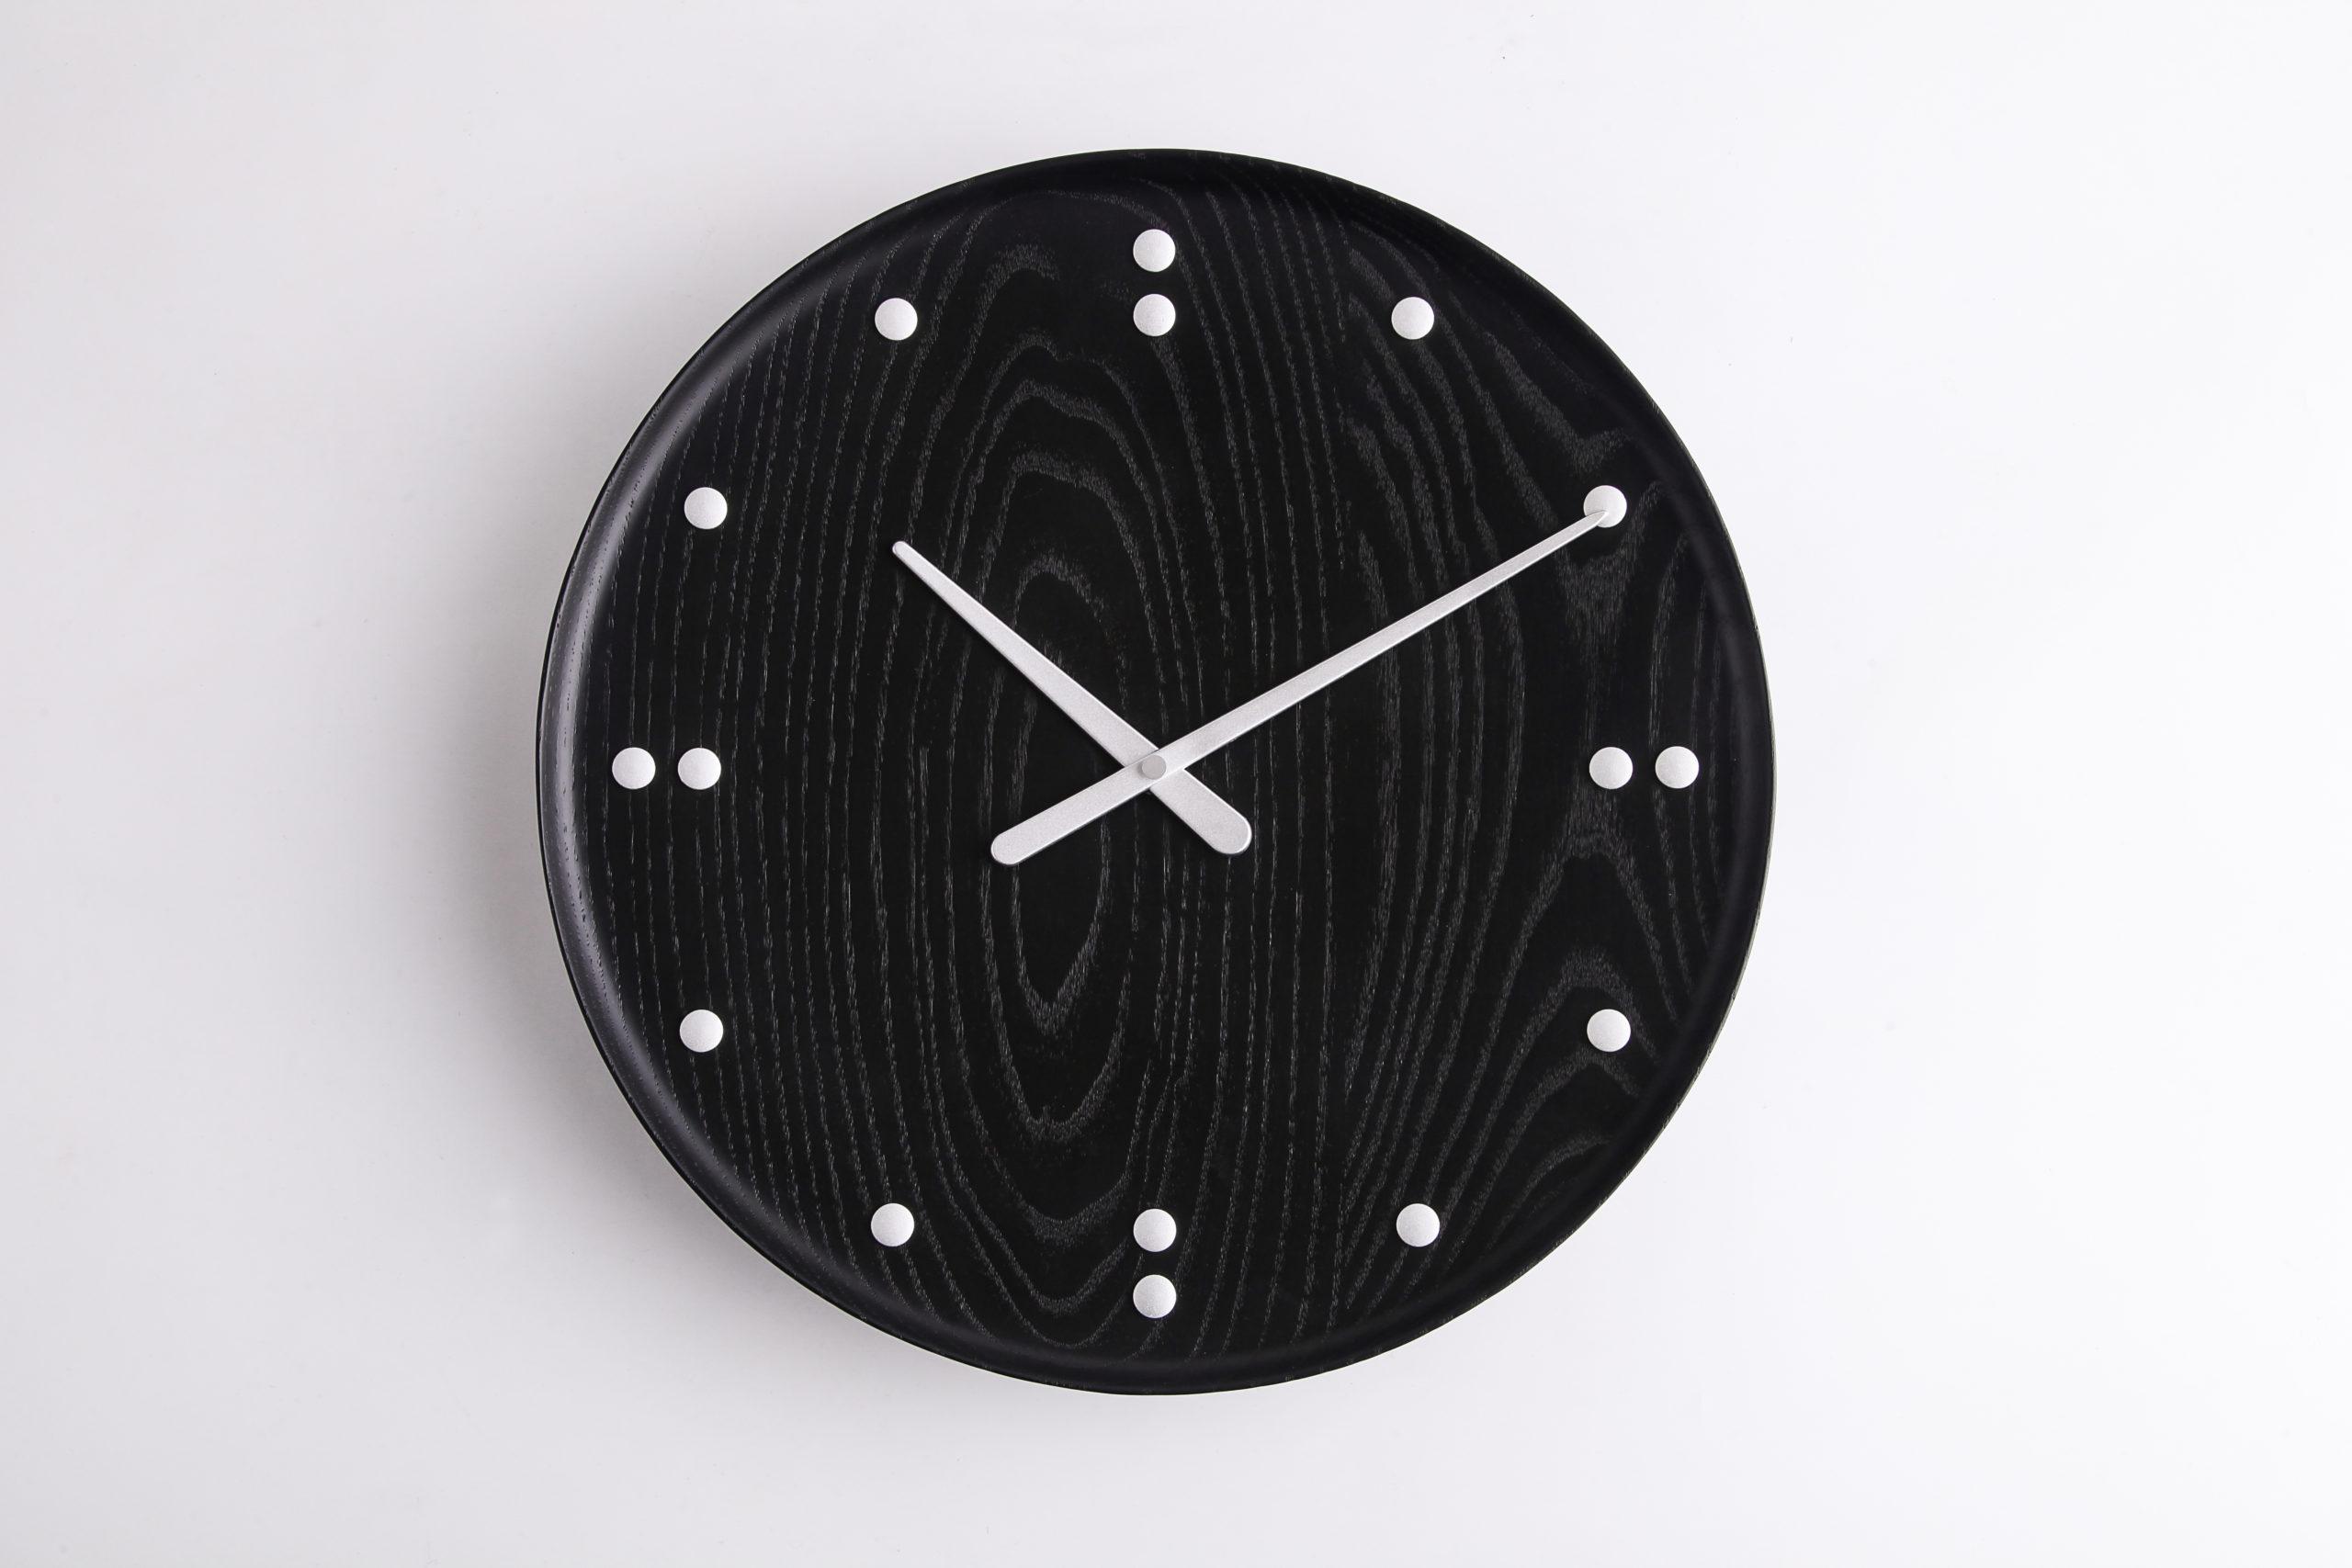 Architectmade-FJ-Clock-25-Wall-Black-Ash-Finn-Juhl-1